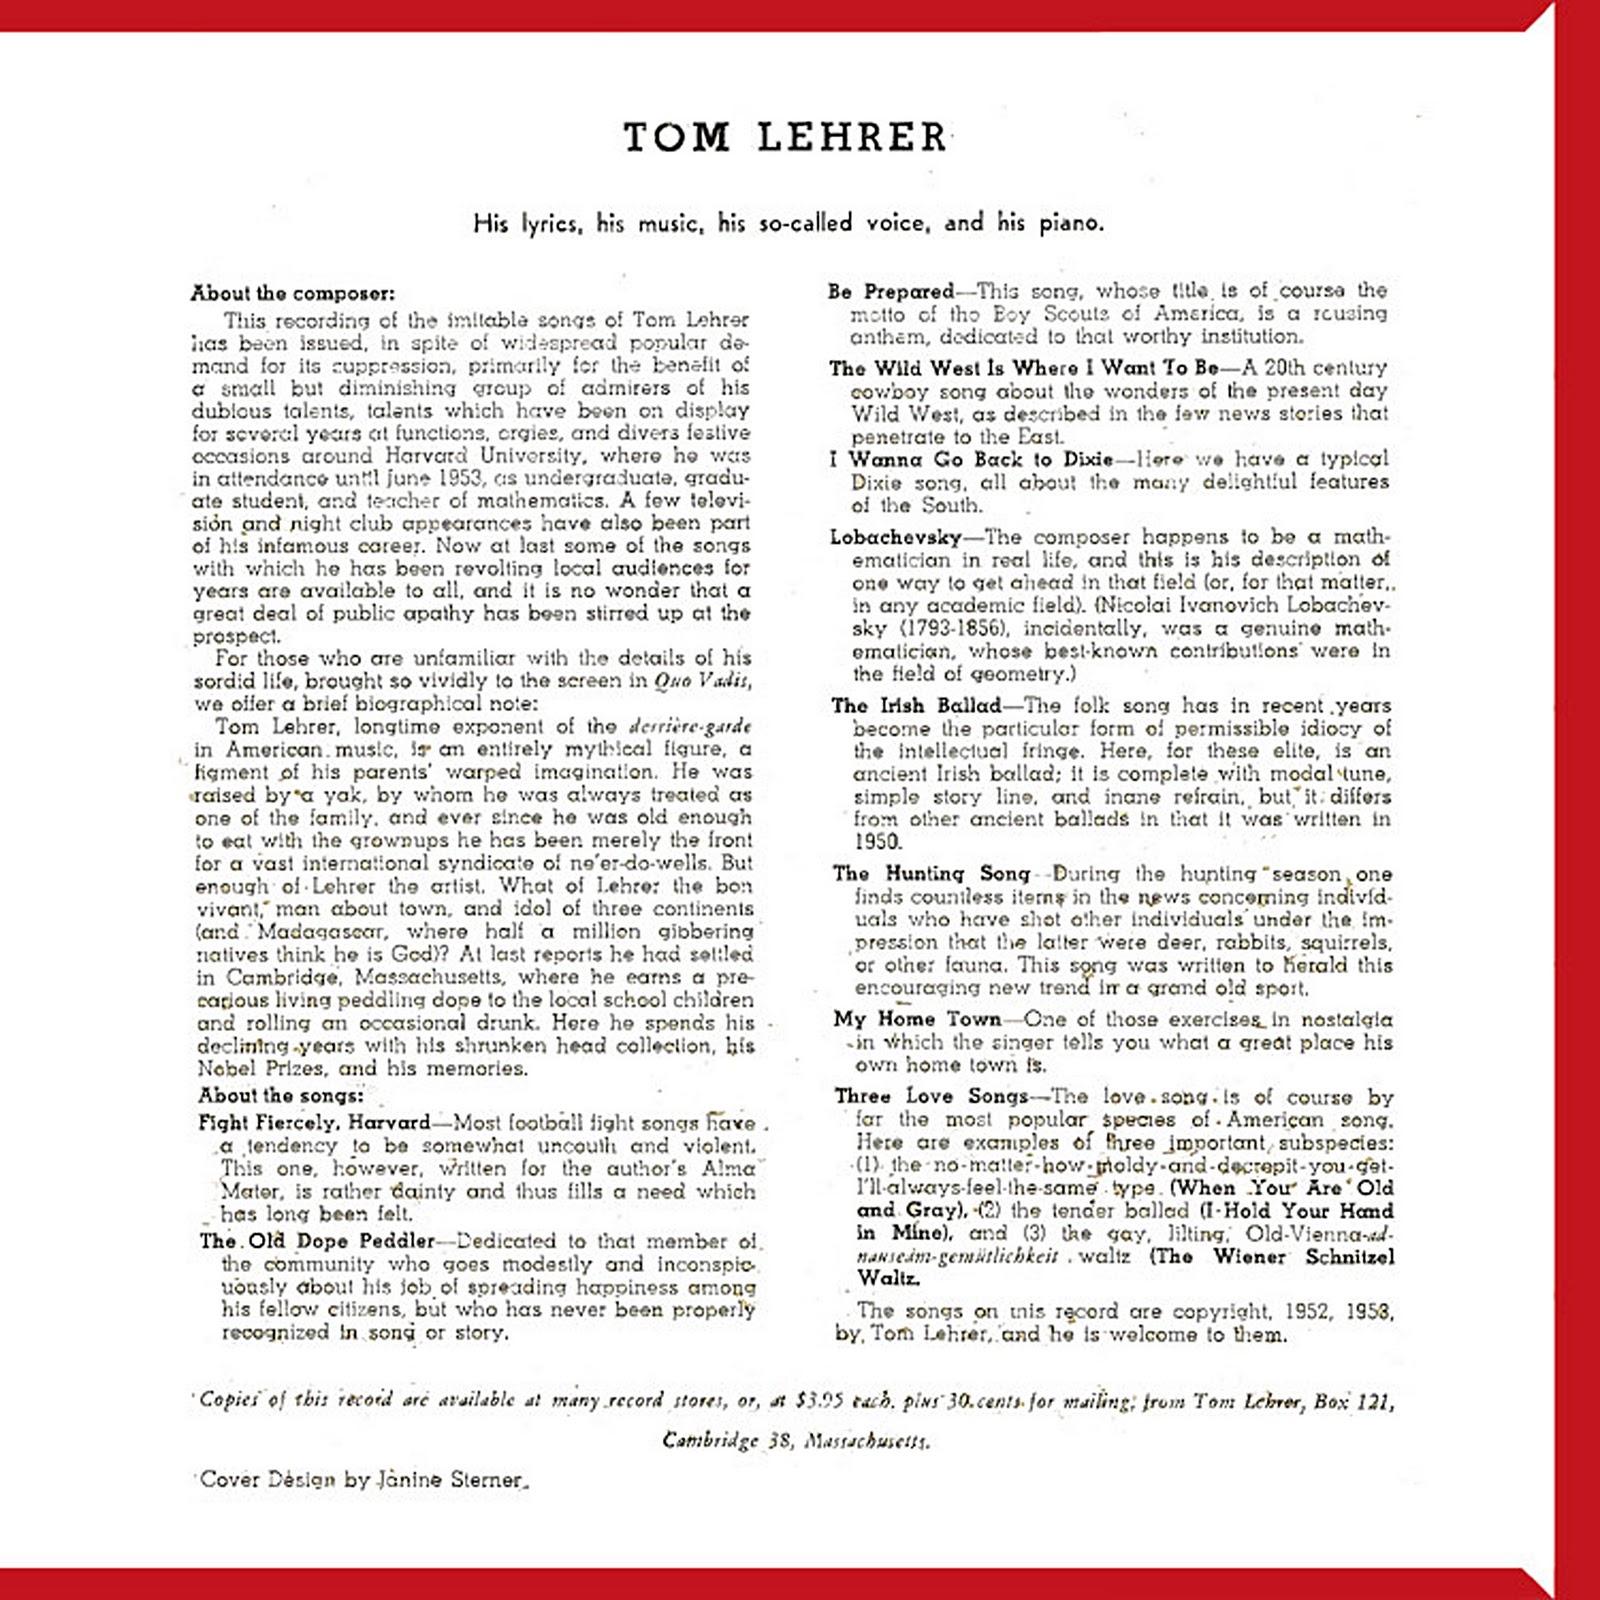 Tom Lehrer Songs By Tom Lehrer